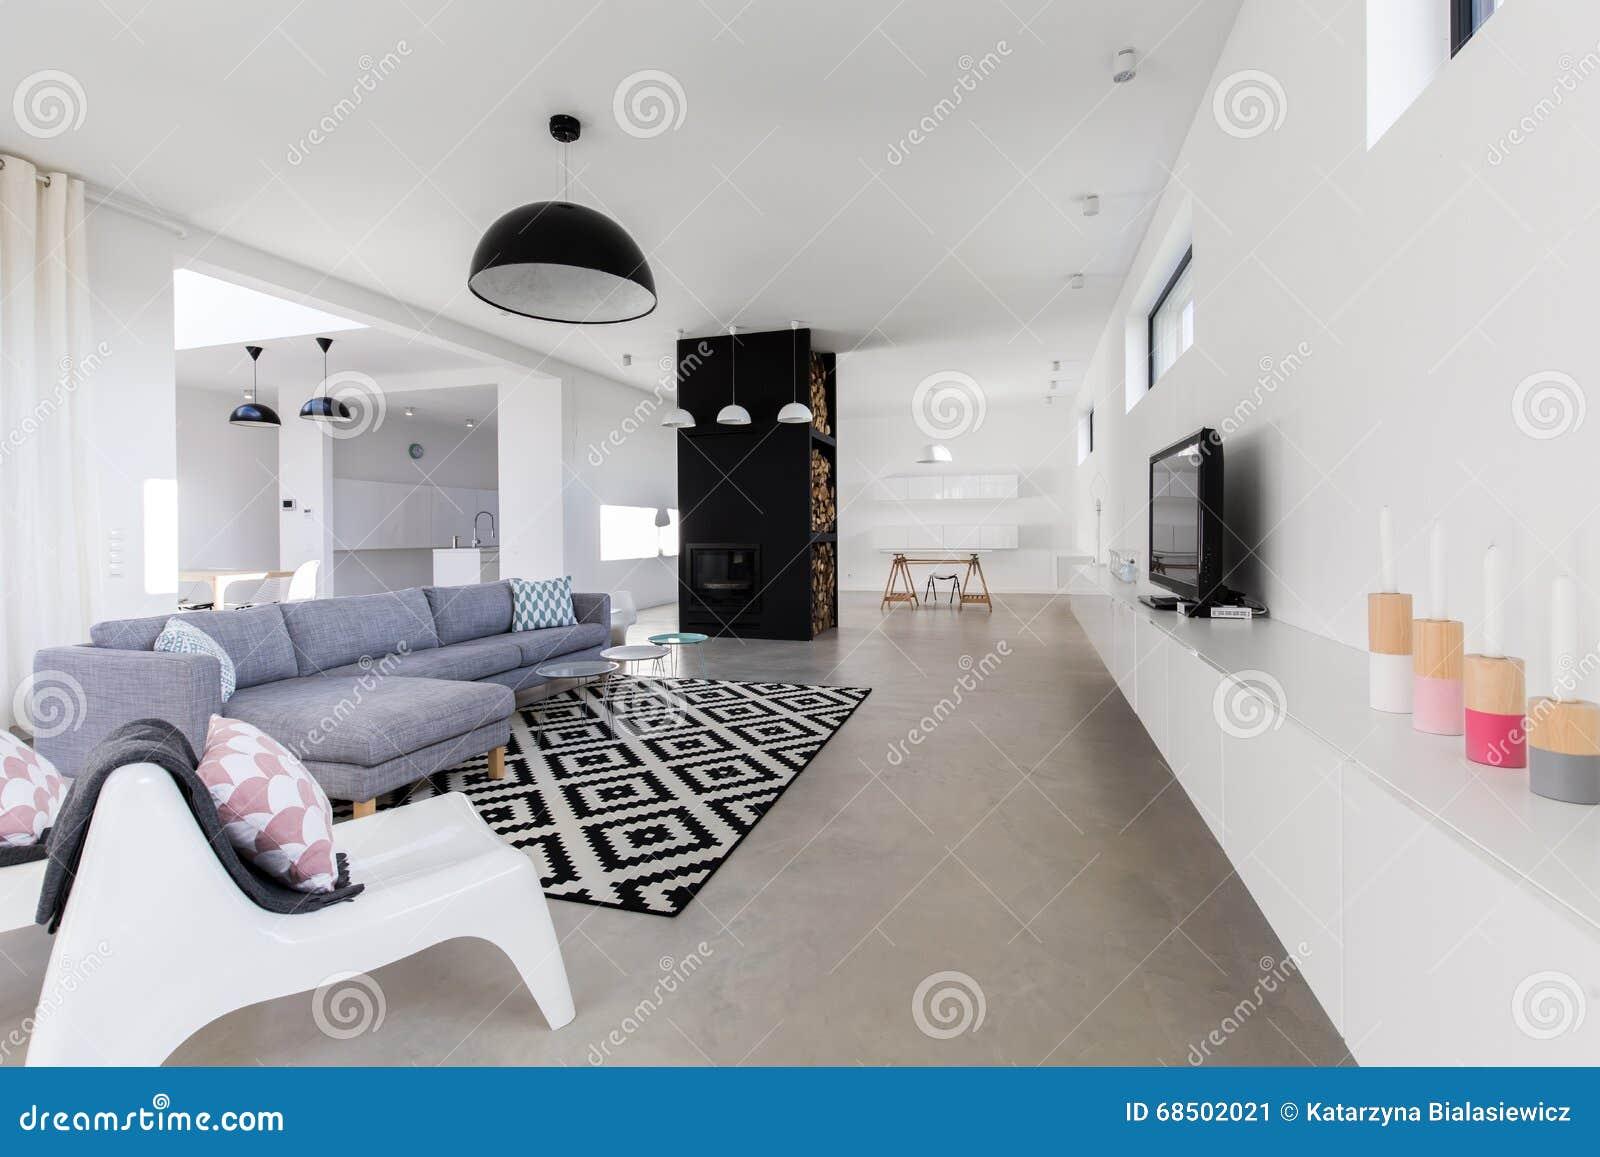 Salotto Moderno Grande : Salotto moderno di lusso immagine stock. immagine di villa 68502021